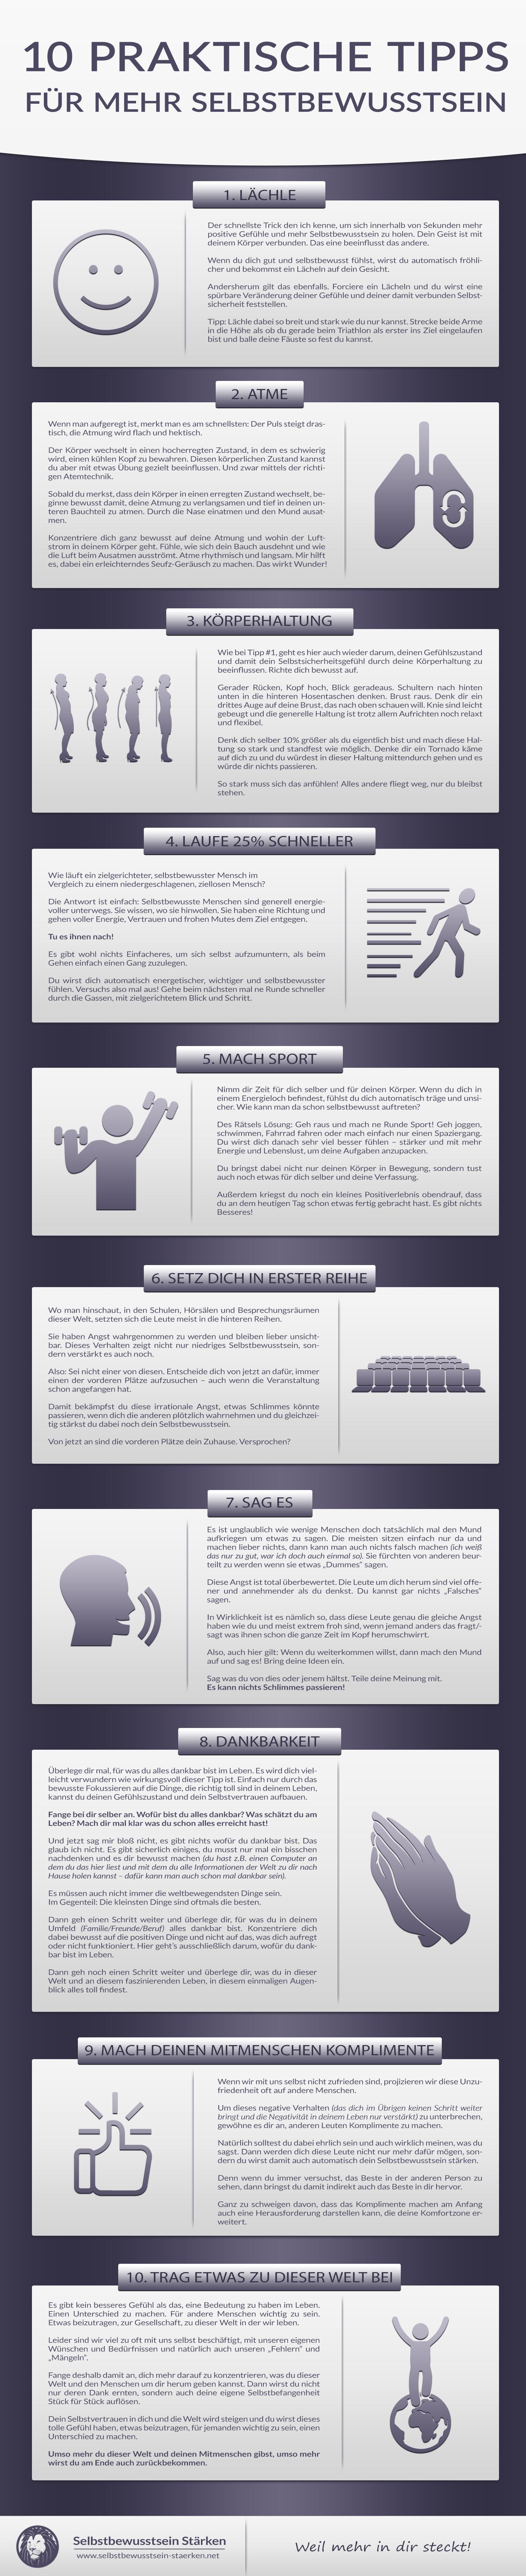 Matratzen Ratgeber Praktische Tipps | Matratzen Ratgeber Praktische Tipps Vitaplaza Info